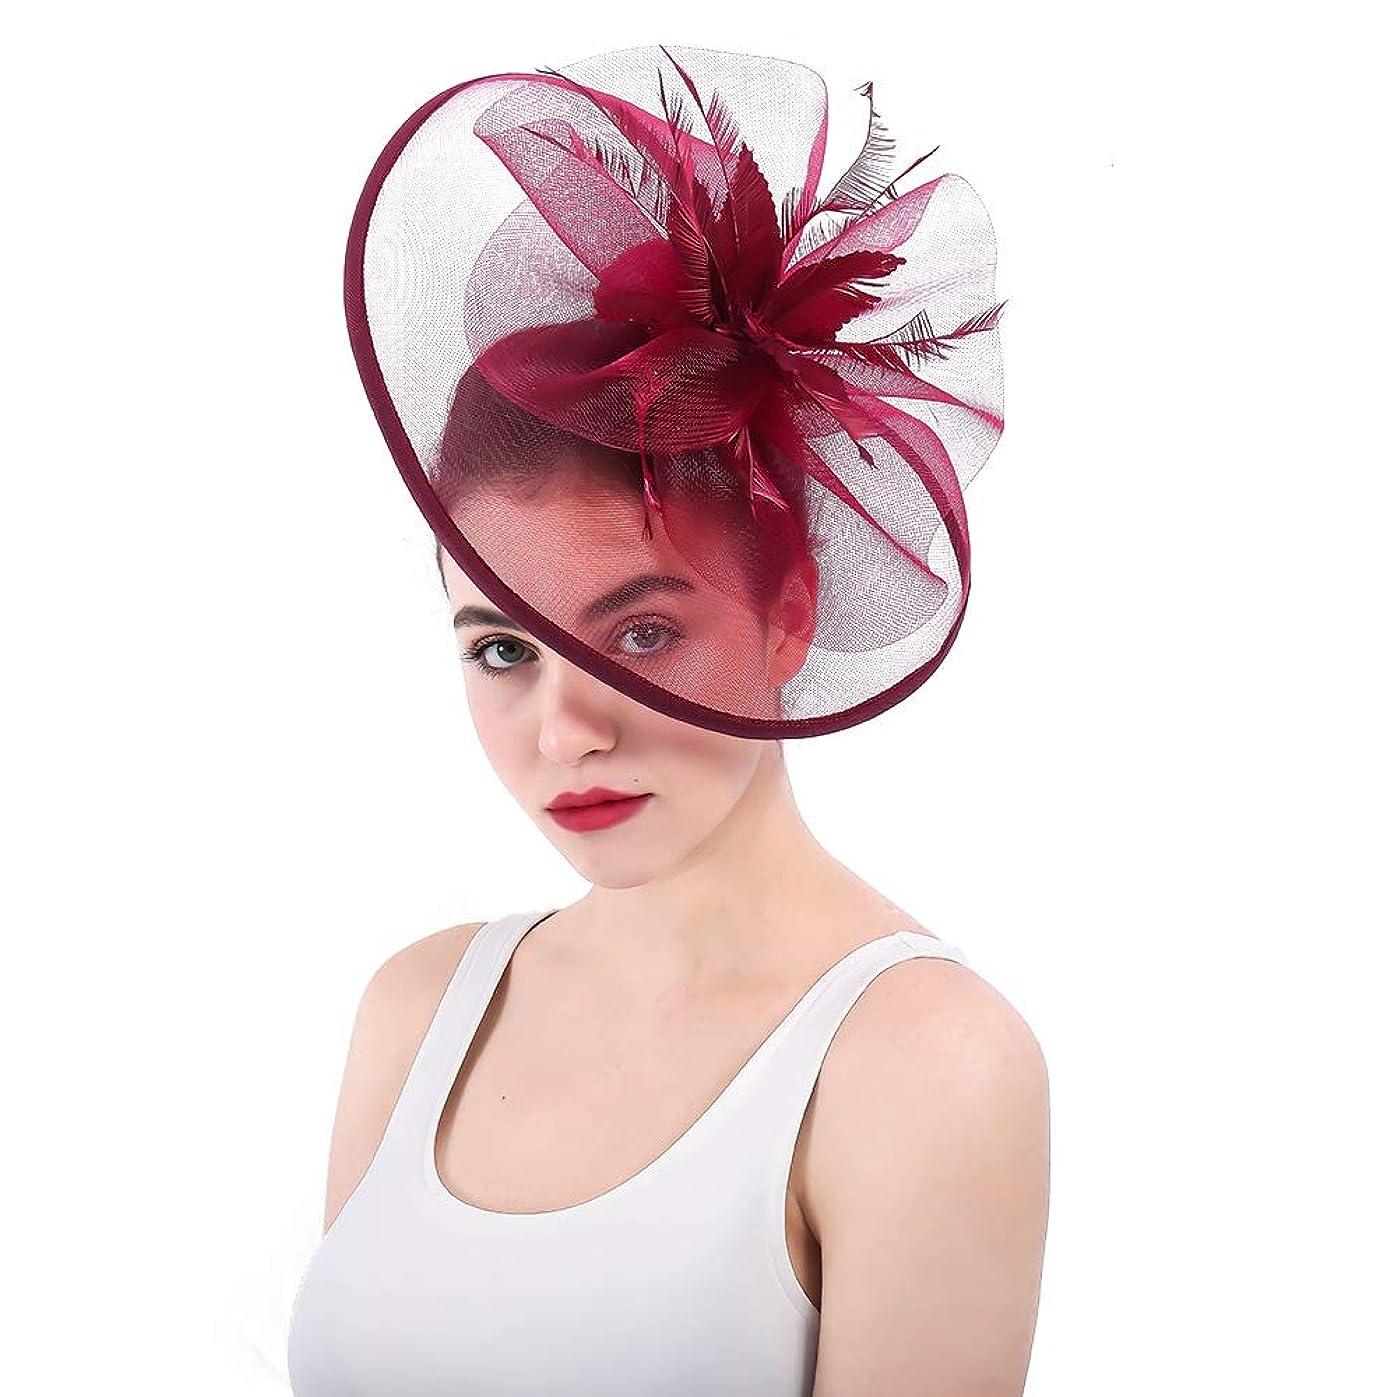 も廃止インターネット女性の魅力的な帽子 女性のエレガントな魅惑的な帽子カバーフェイシャルブライダルヘッドドレスフラワーヘアアクセサリーウェディングカクテルロイヤルアスコット